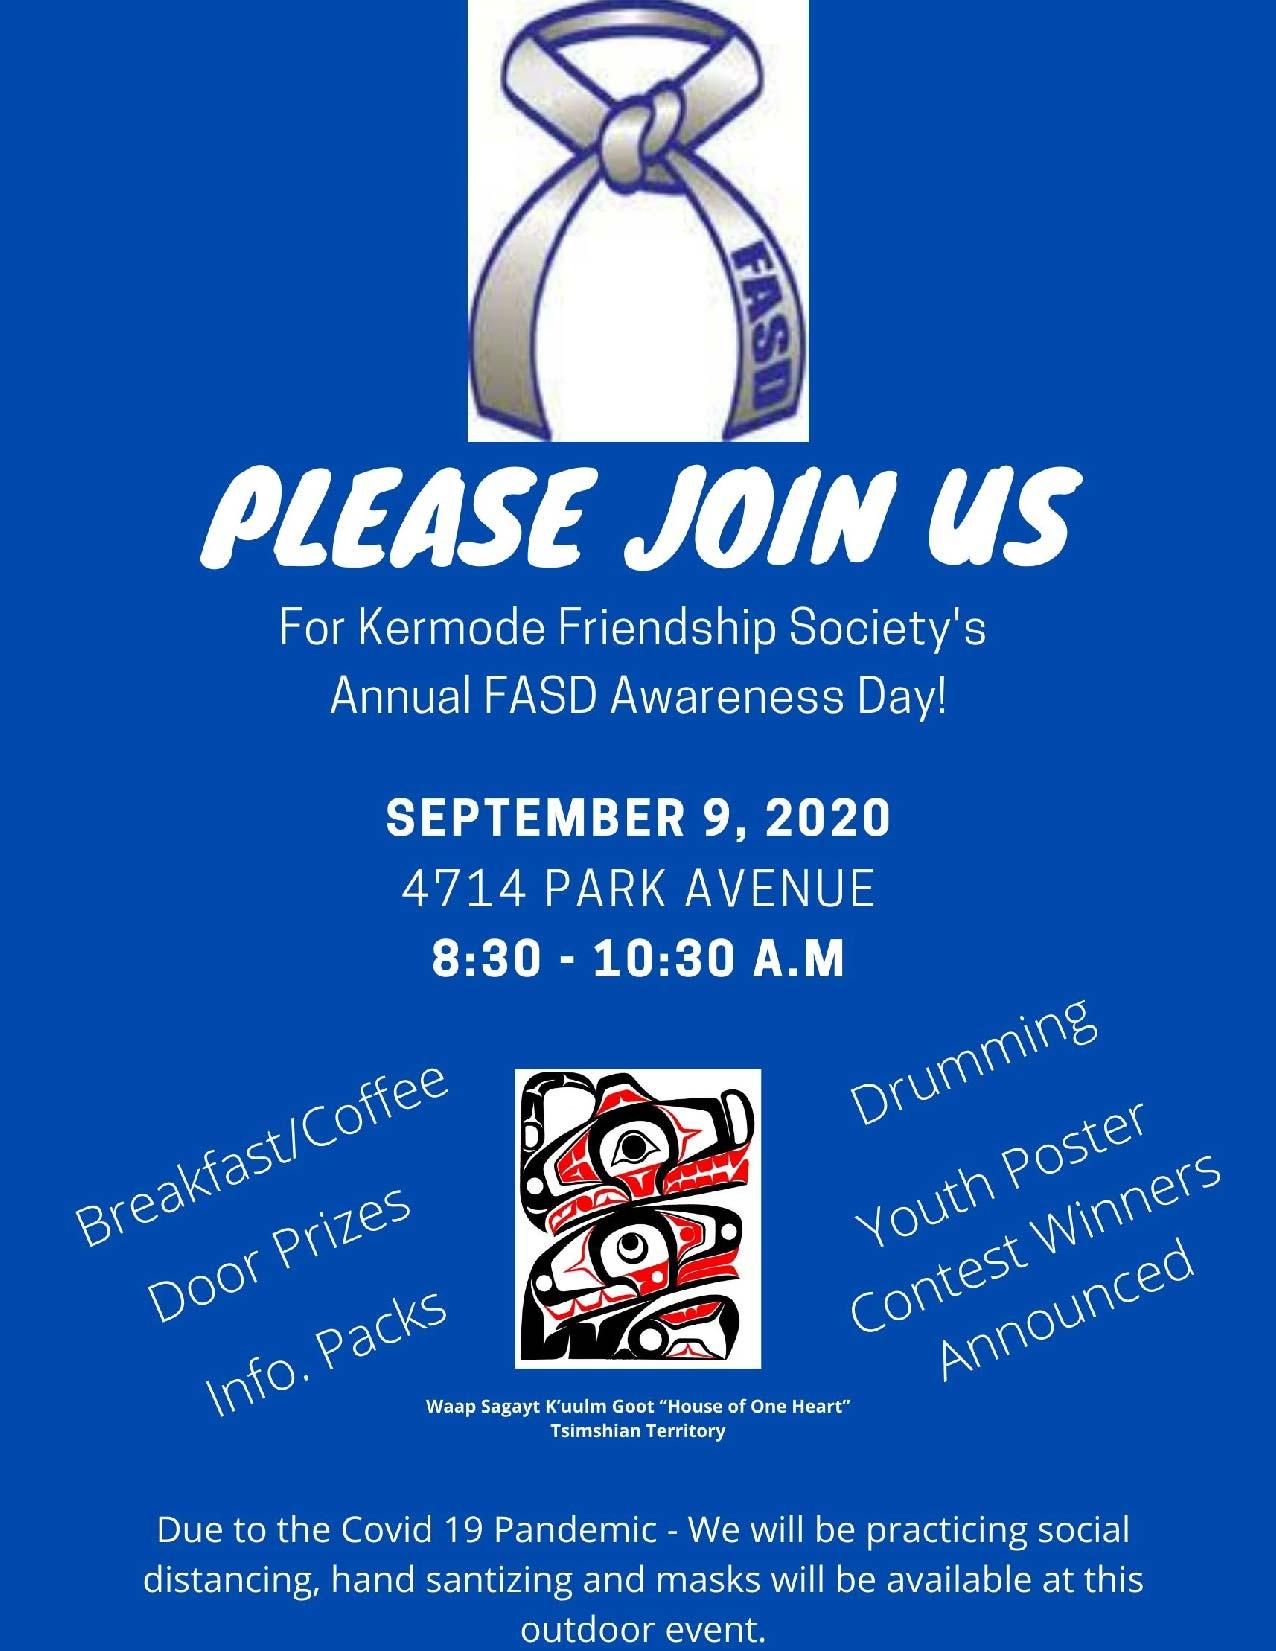 Annual FASD Awareness Day – September 9 – Kermode Friendship Society